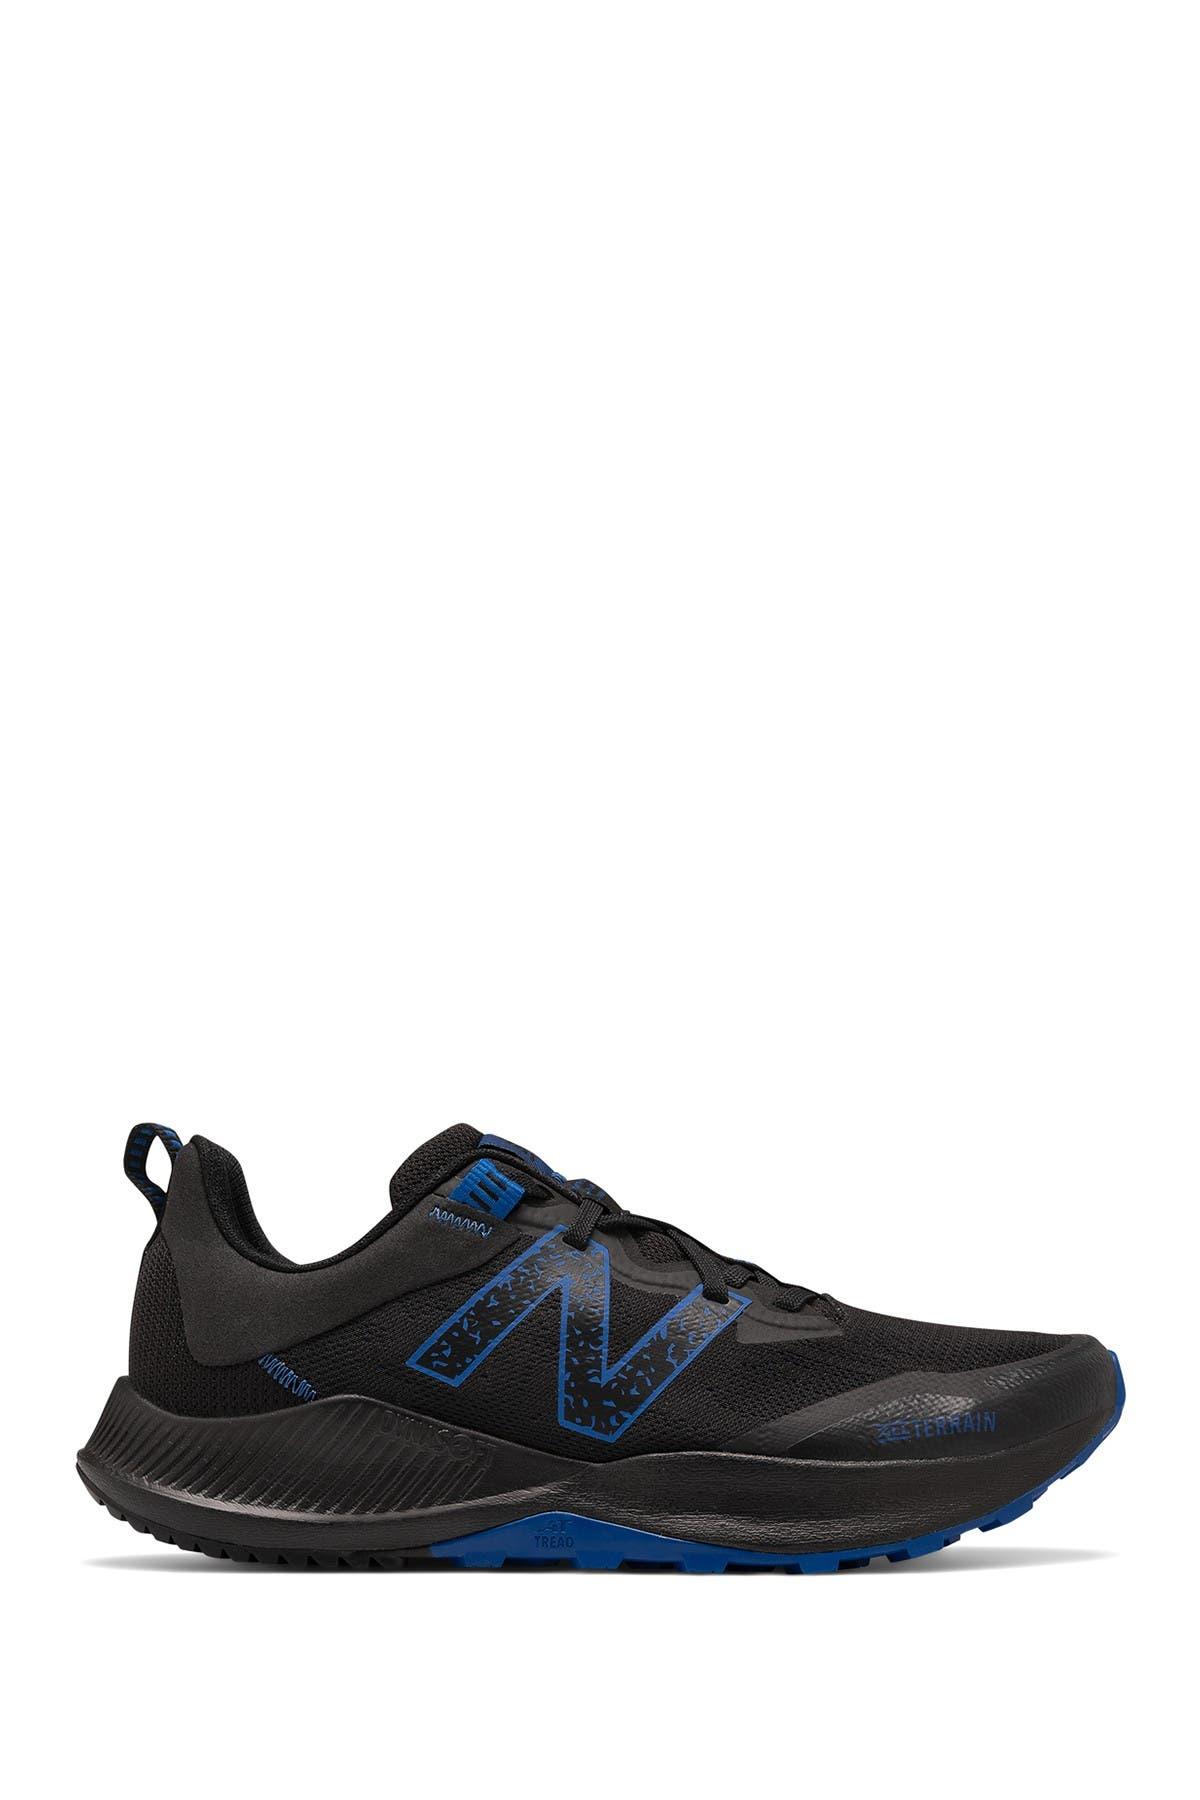 Image of New Balance Nitrel V4 Athletic Sneaker - Wide Width